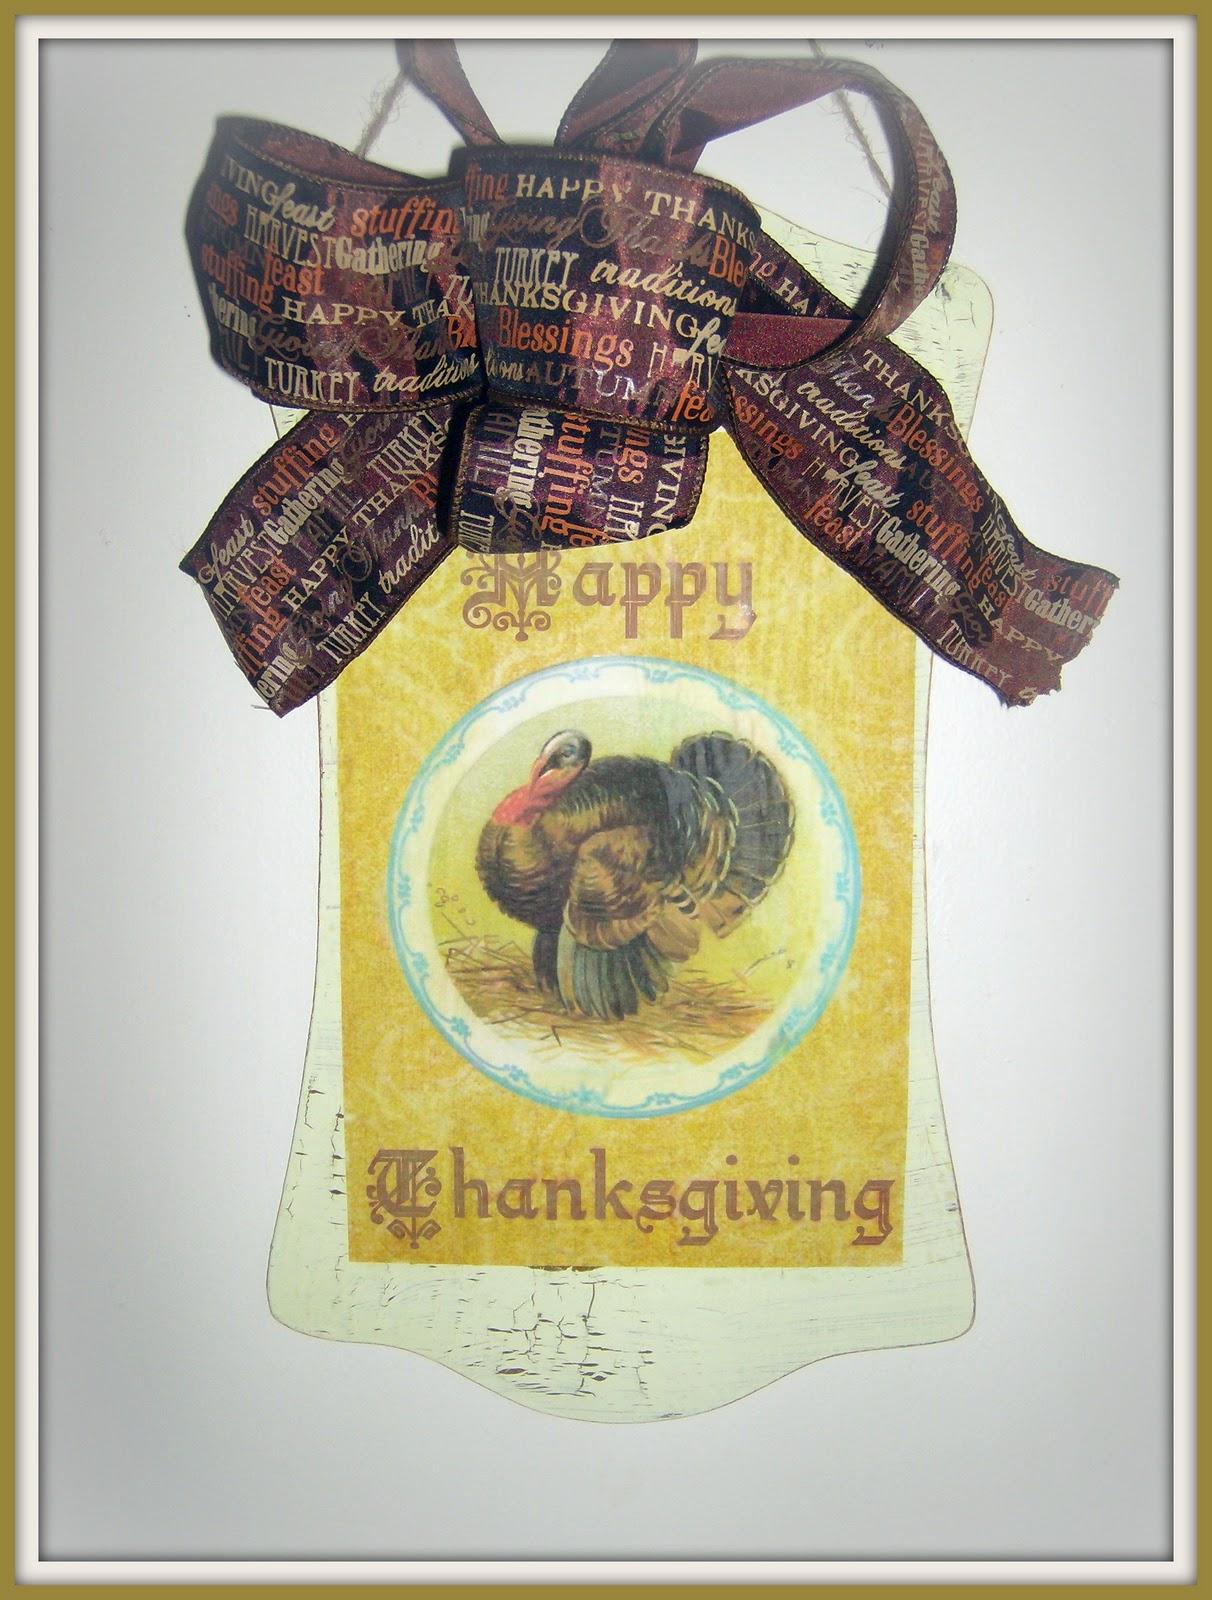 http://i1.wp.com/1.bp.blogspot.com/_SPehGi65iKU/TNCW6jSrhHI/AAAAAAAAARE/f14-qNHZVqI/s1600/thanksgiving+sign+2.jpg?resize=403%2C533